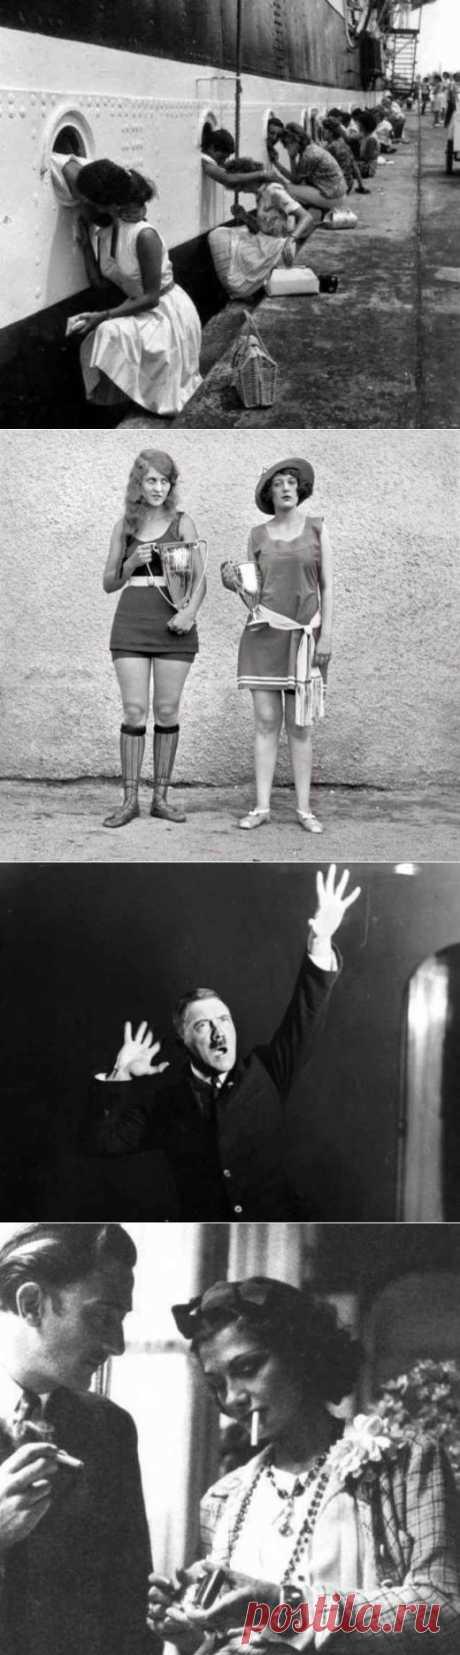 Подборка очень редких фото. Некоторые даже шокируют. Молодой Бен Ладен и первое в мире селфи Golbis | Golbis